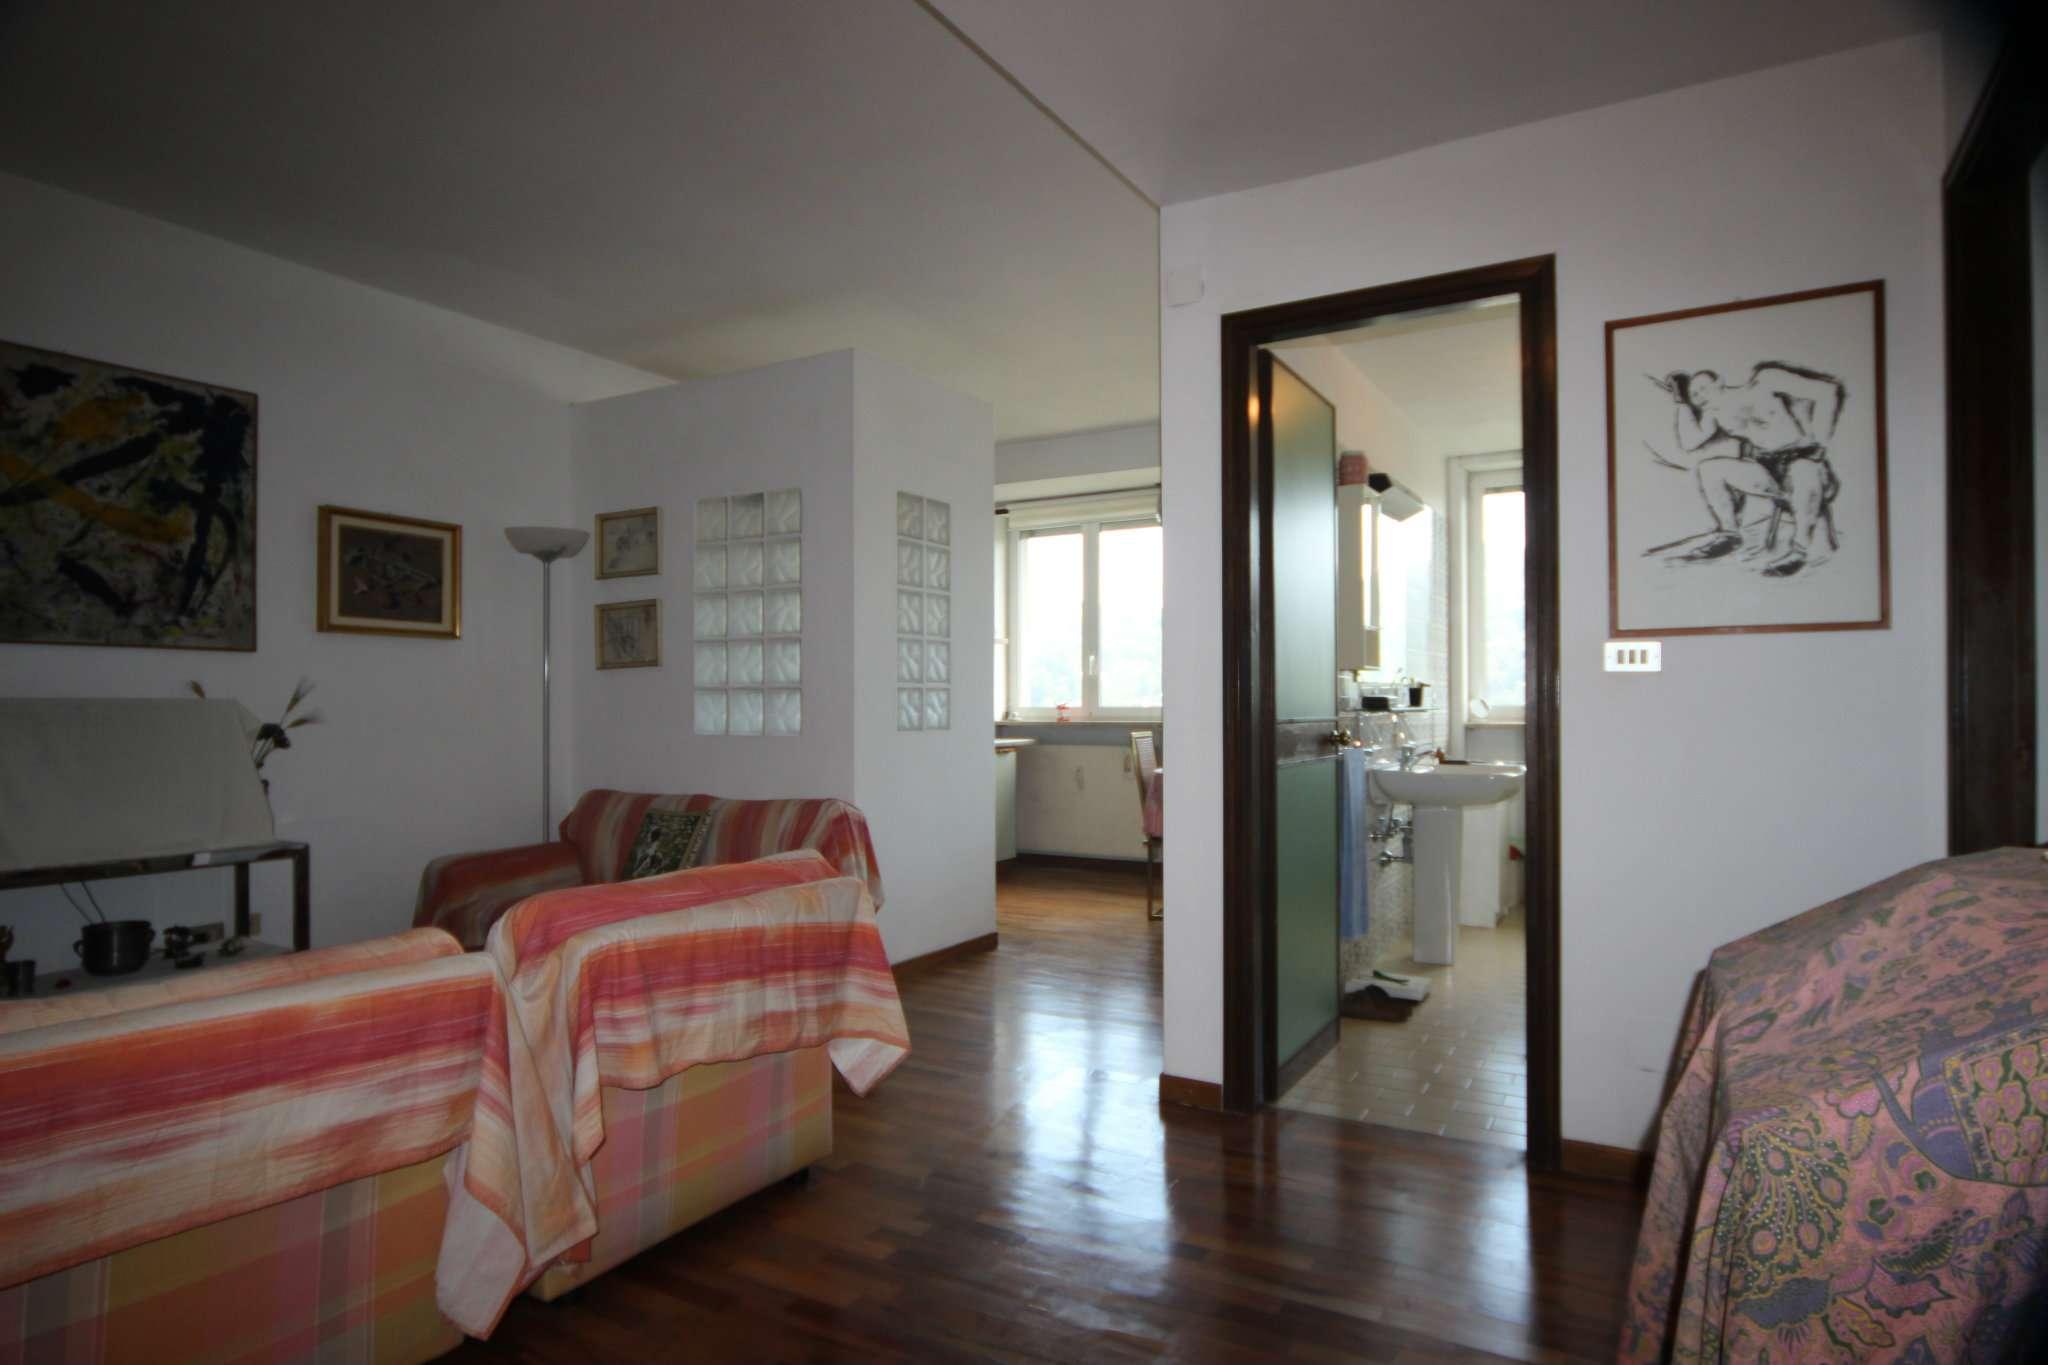 Appartamento in vendita a Torino, 3 locali, zona Zona: 4 . Nizza Millefonti, Italia 61, Valentino, prezzo € 240.000 | CambioCasa.it